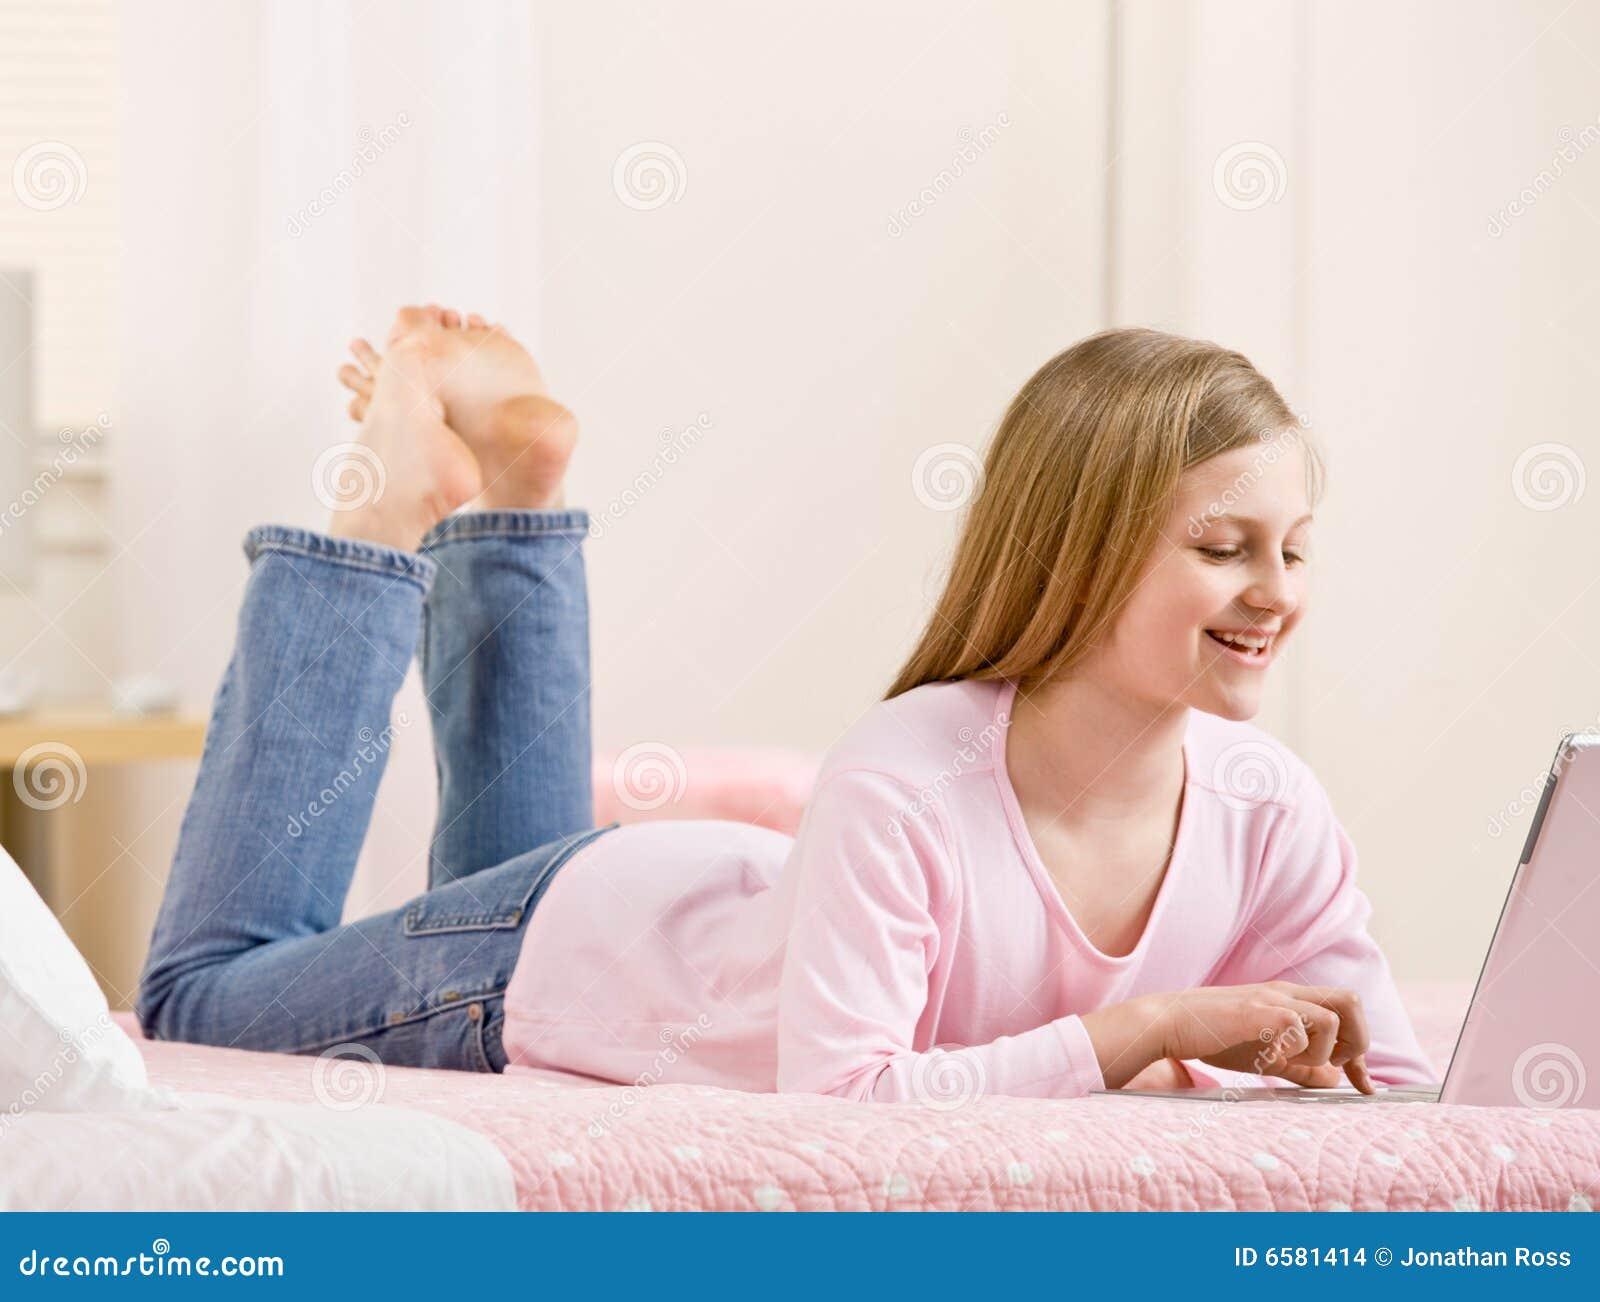 girl using